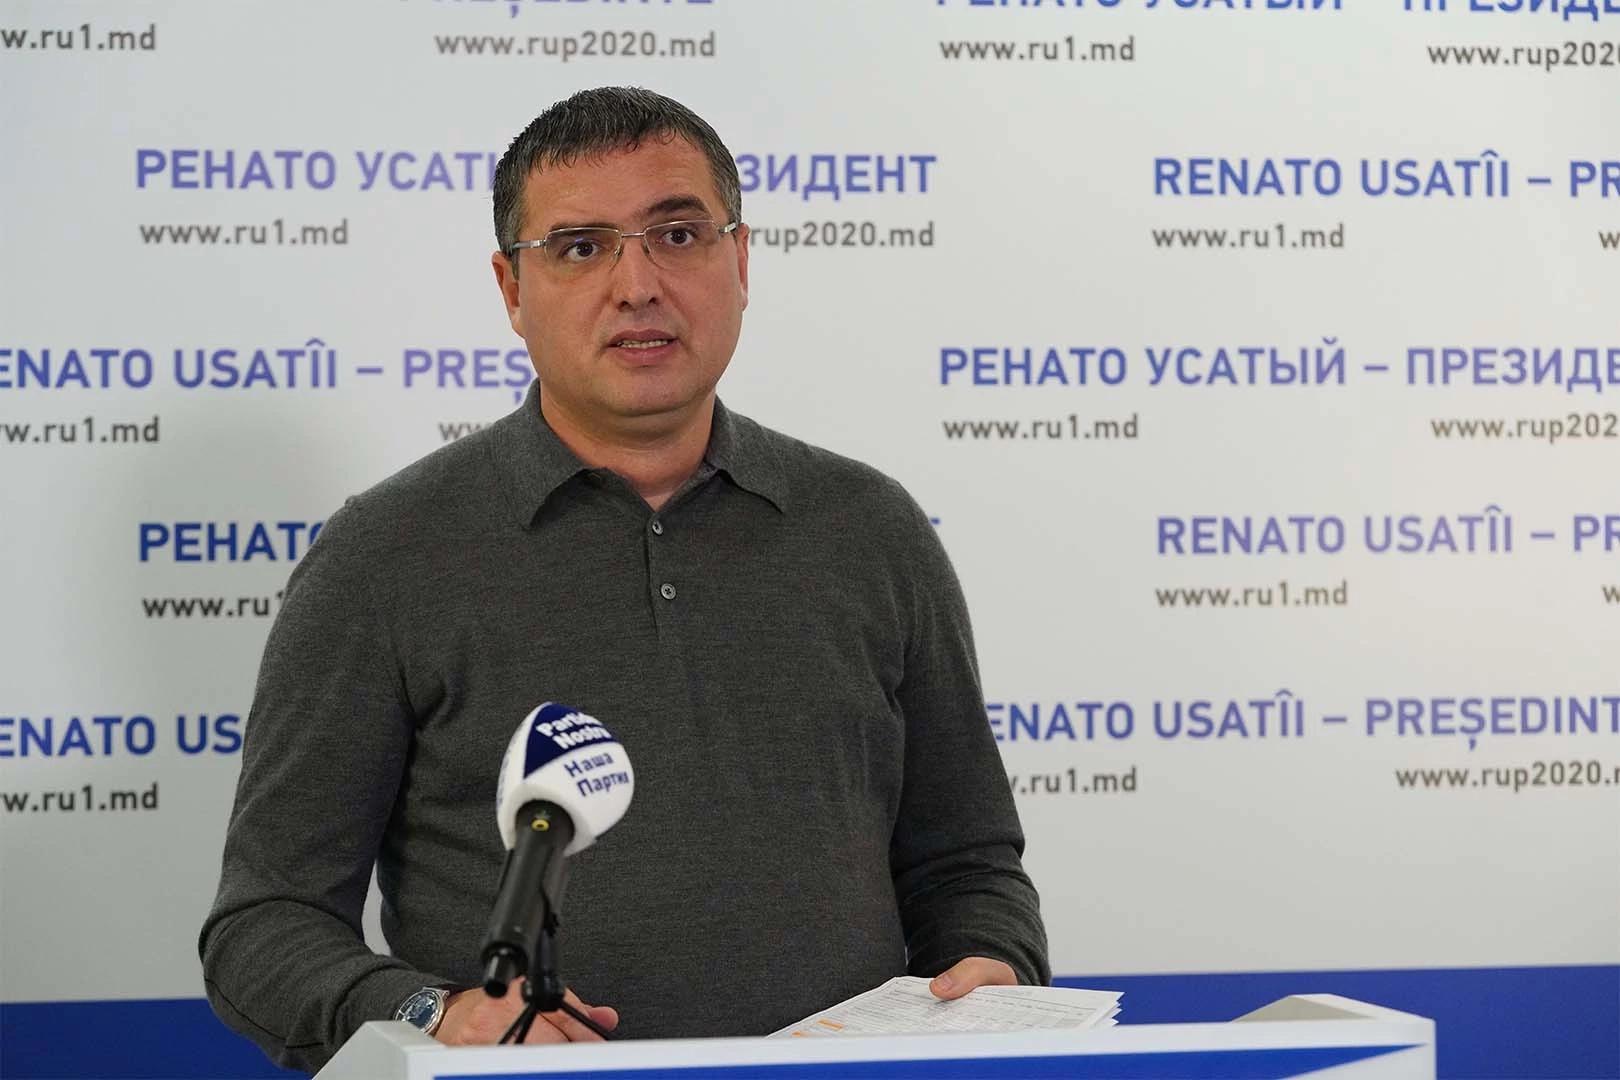 Conducerea MAI a dat indicații să fie făcute presiuni asupra susținătorilor lui Renato Usatîi